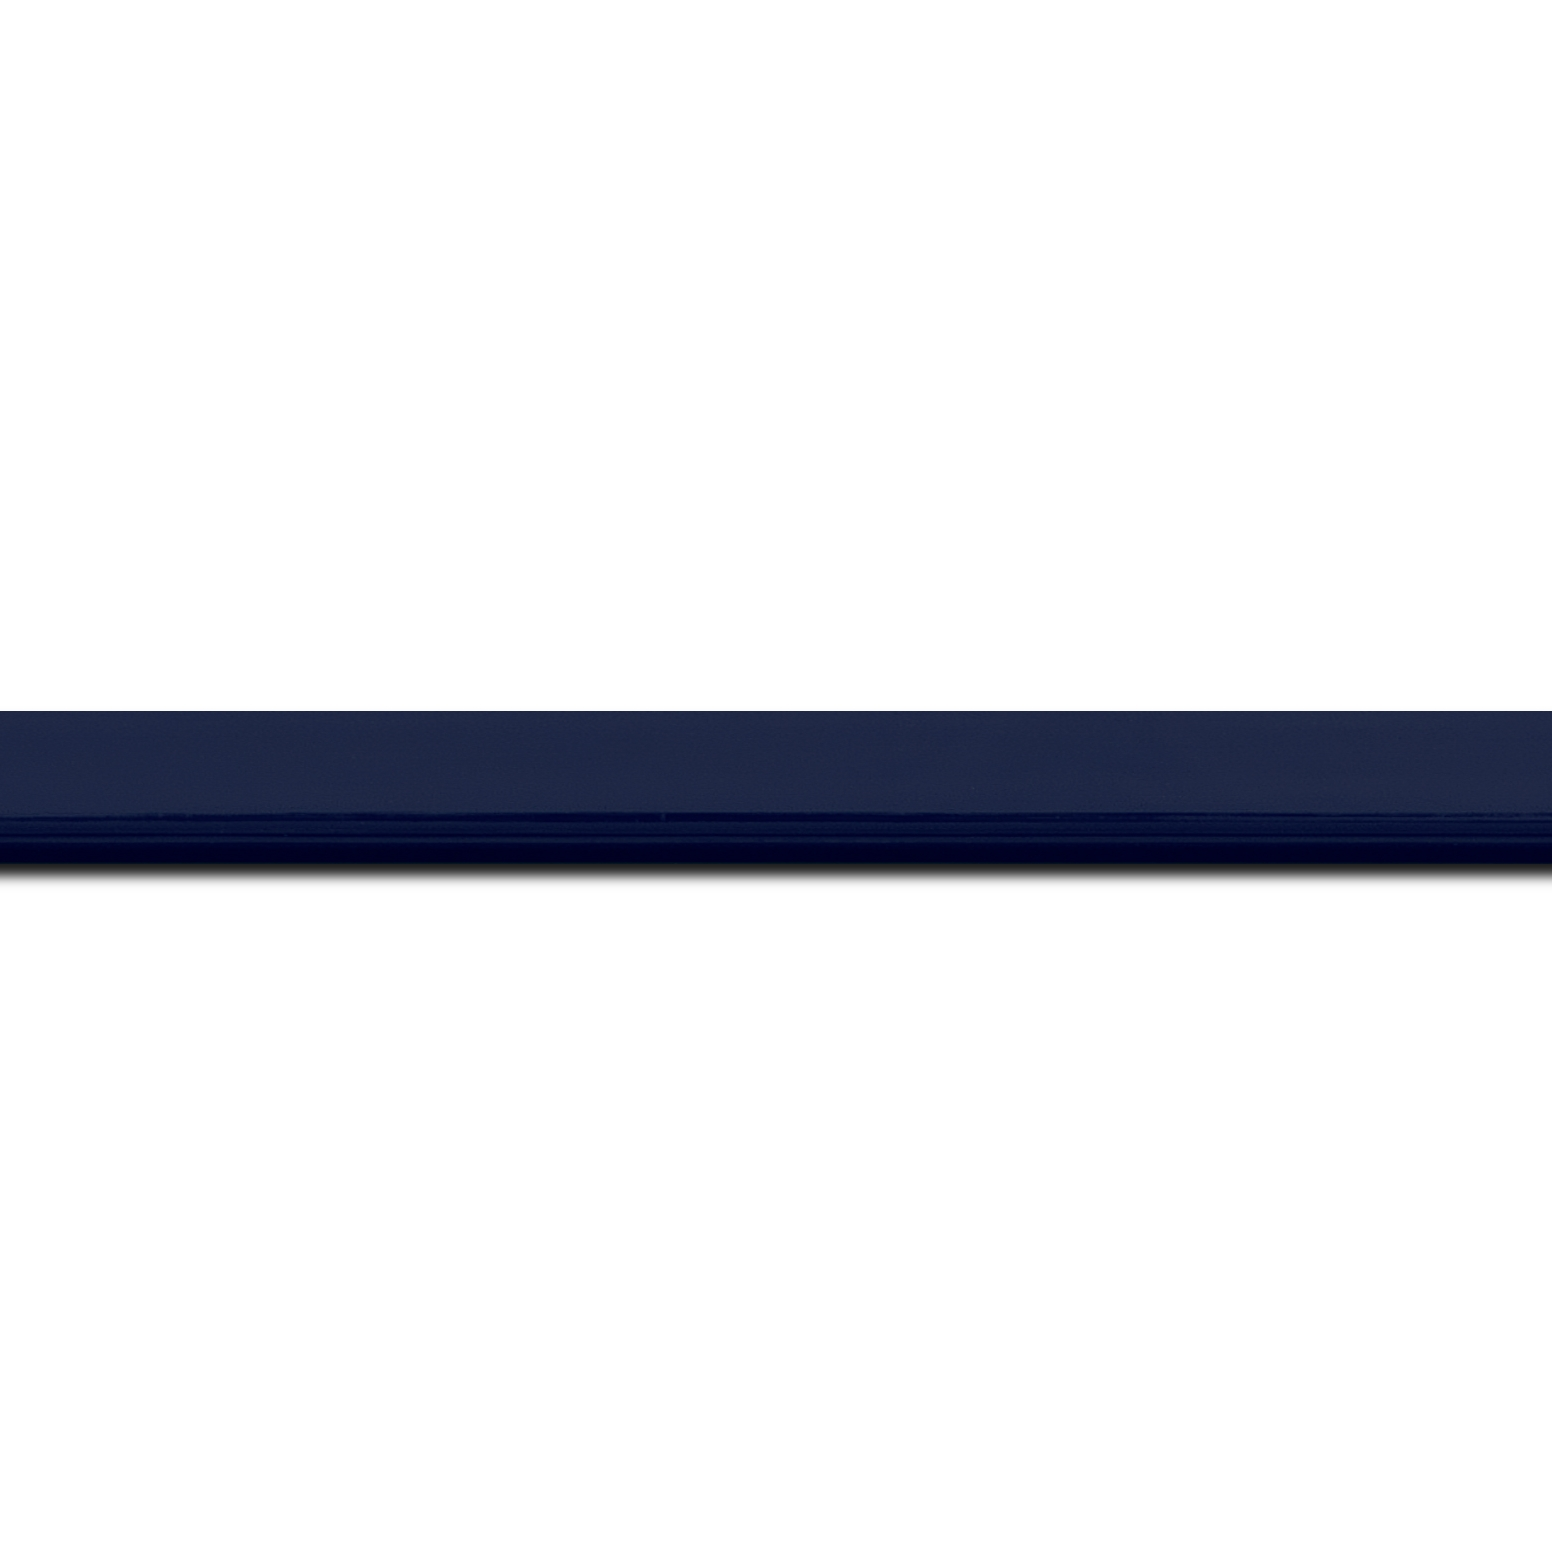 Baguette longueur 1.40m bois profil méplat largeur 1.4cm couleur bleu nuit foncé laqué